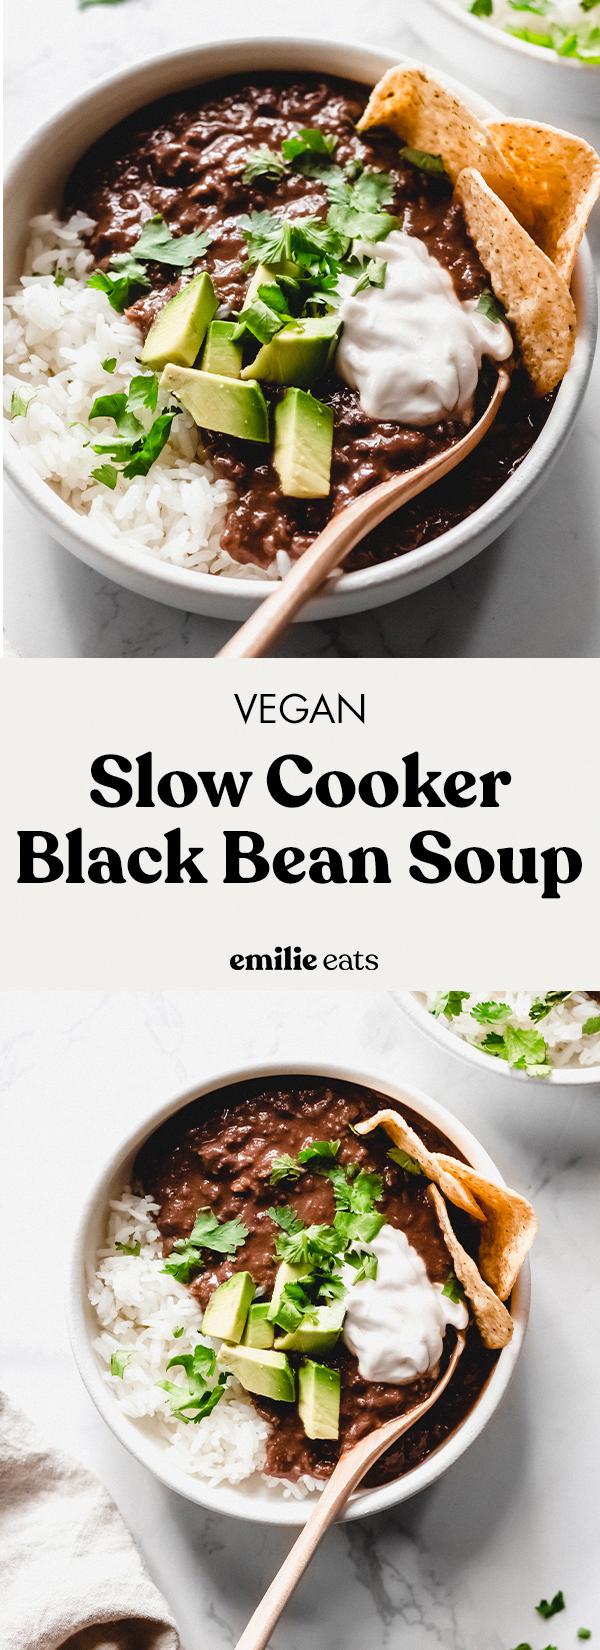 Vegan Slow Cooker Black Bean Soup – Emilie Eats